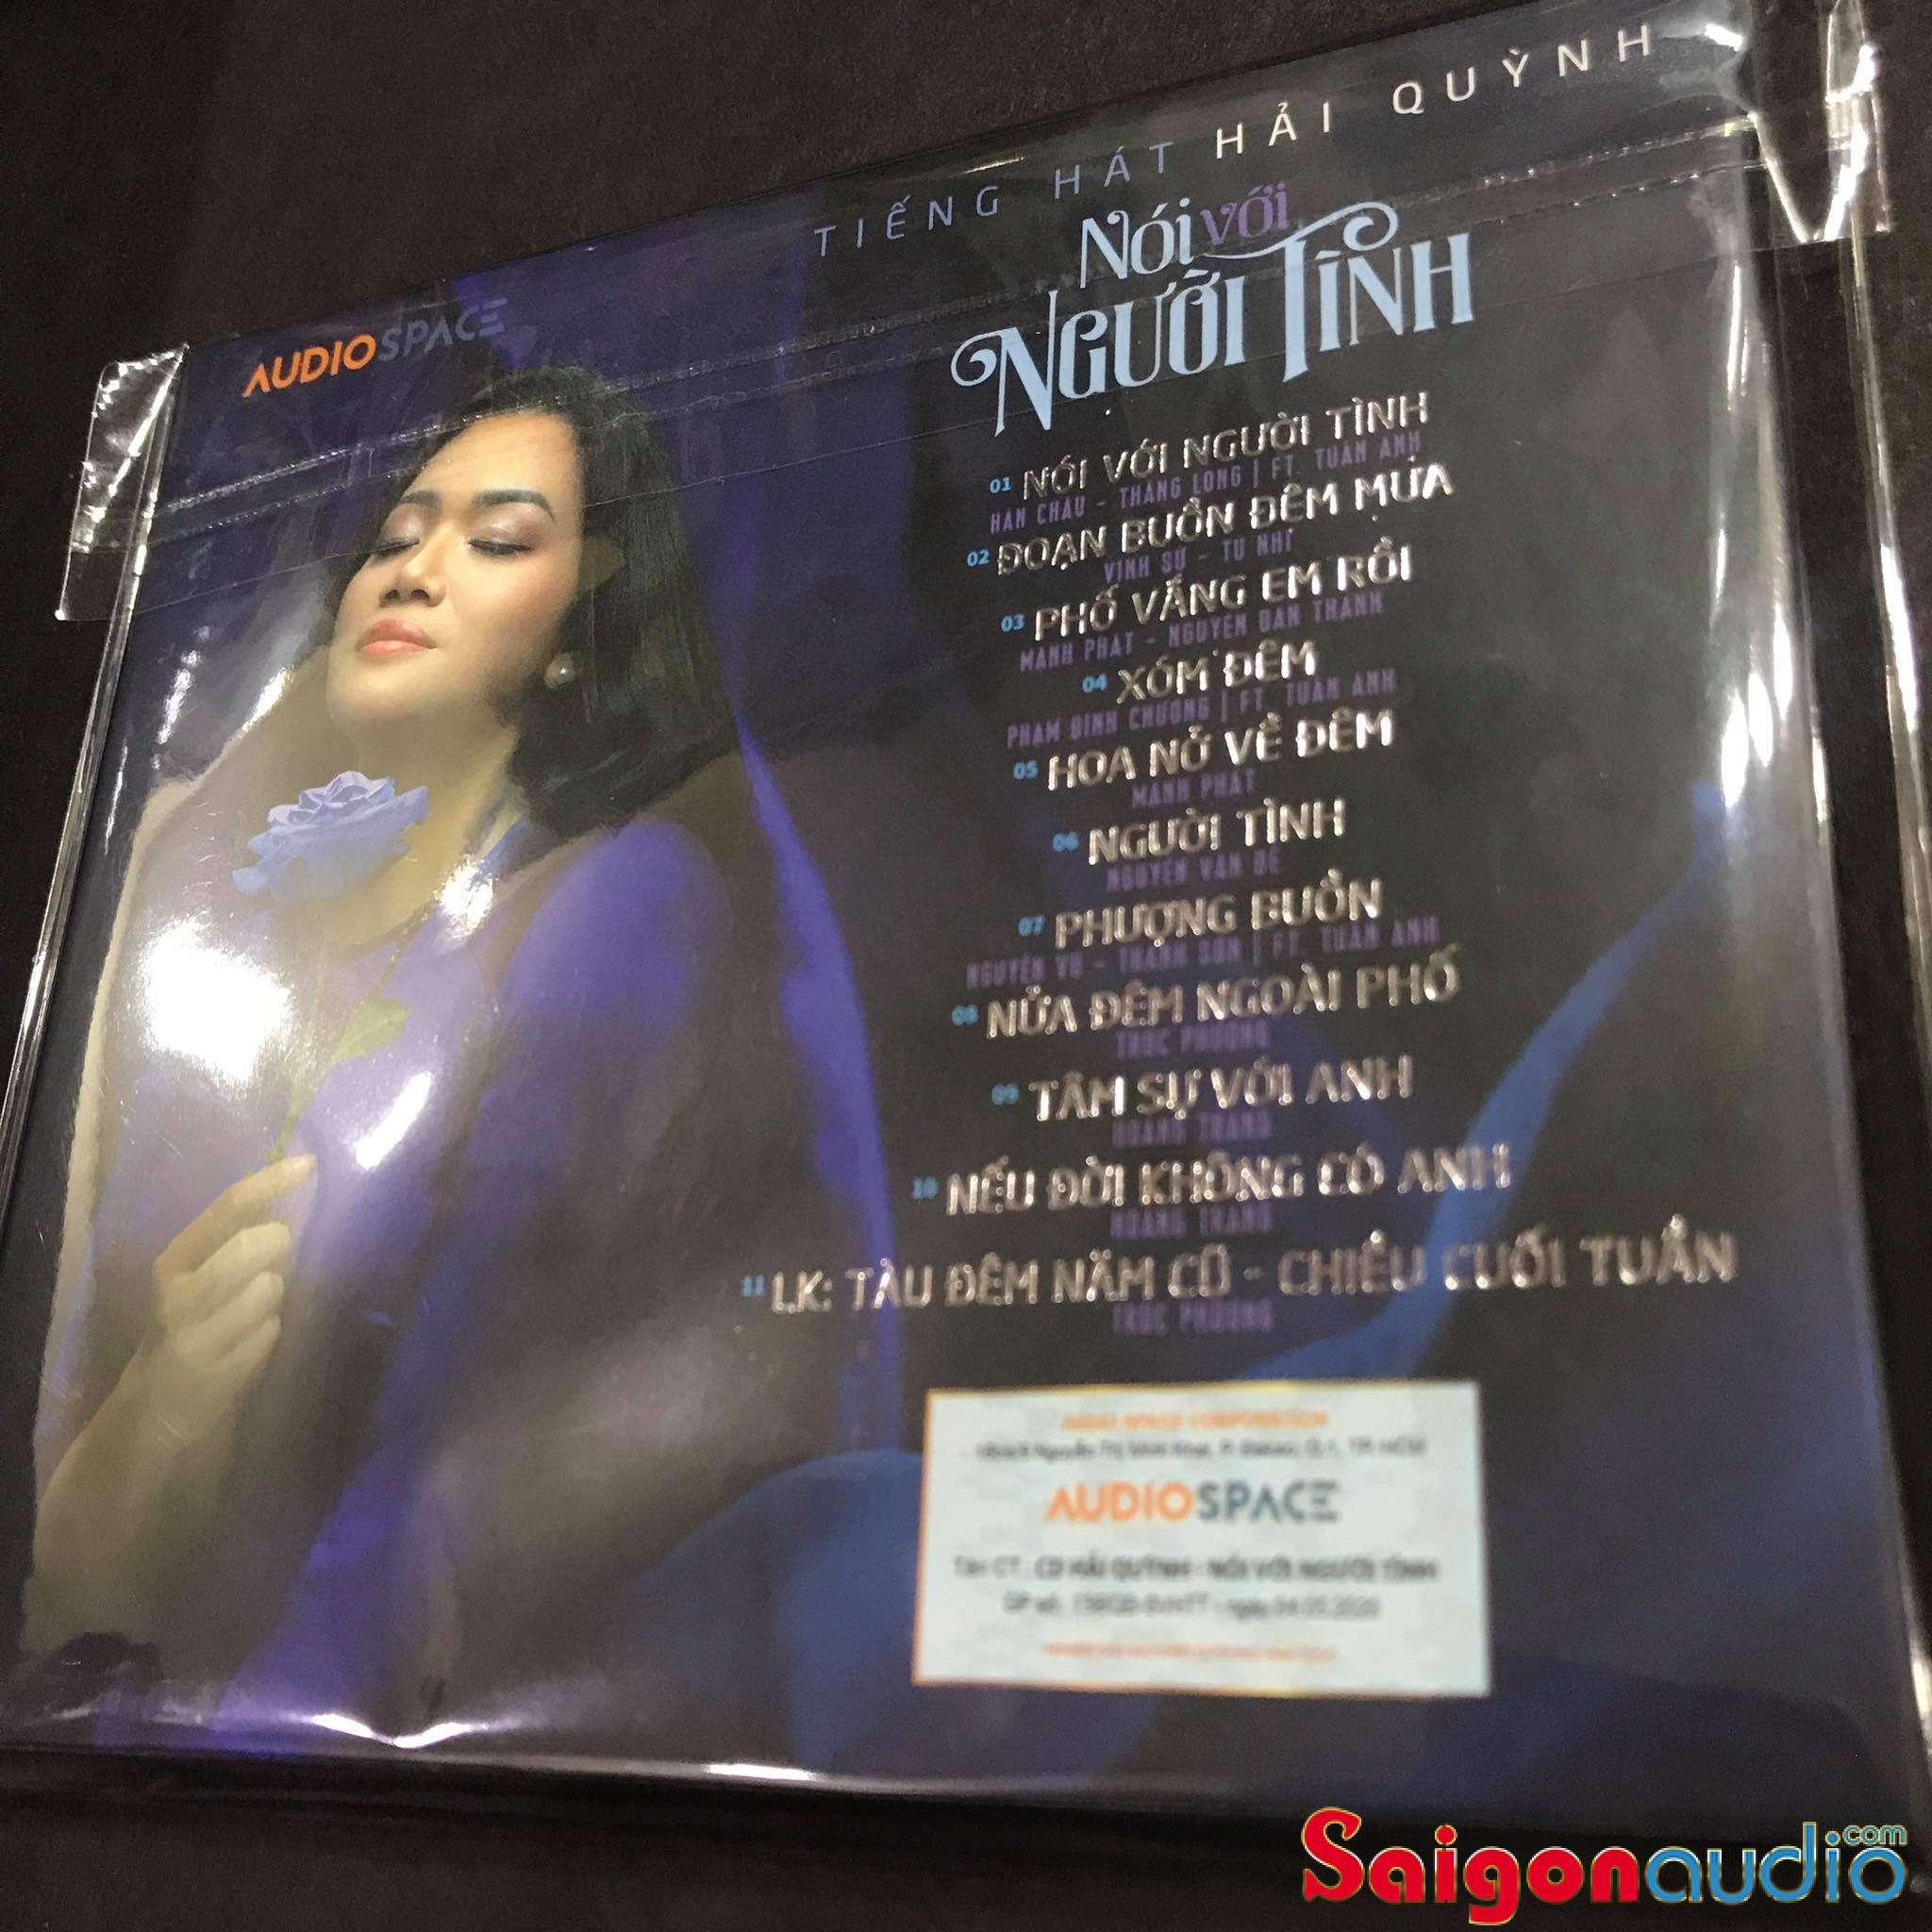 Đĩa CD gốc Nói Với Người Tình - Tiếng hát Hải Quỳnh (Free ship khi mua 2 đĩa CD cùng hoặc khác loại)